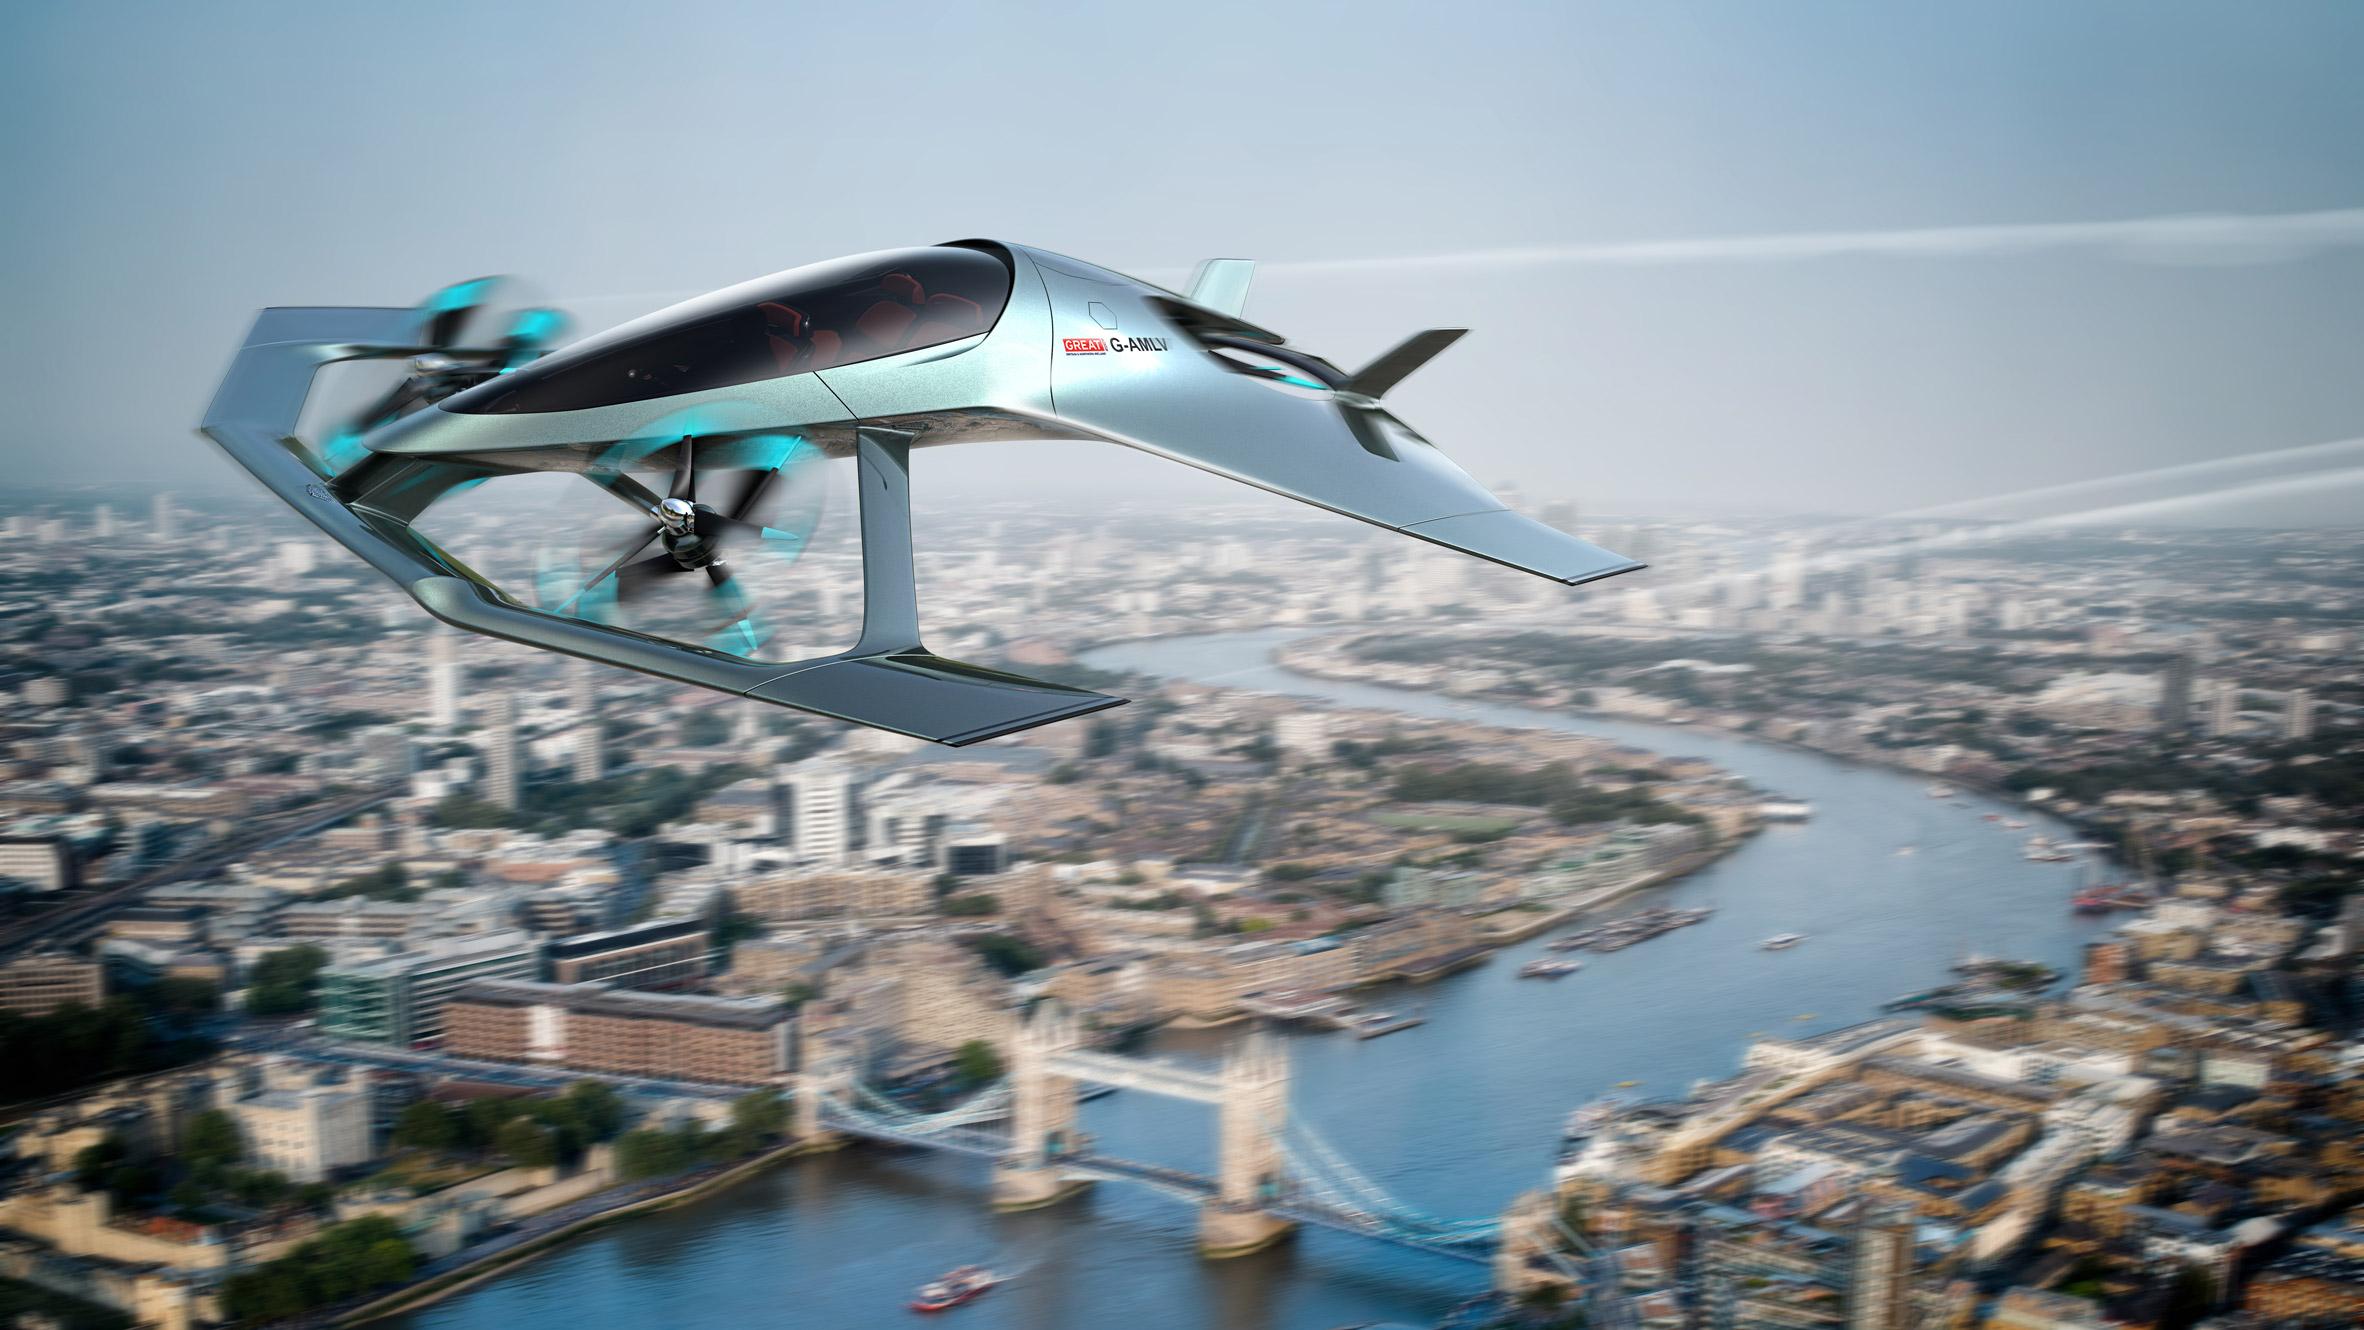 d6bb3f055de5 Aston Martin designs Volante Vision concept aircraft